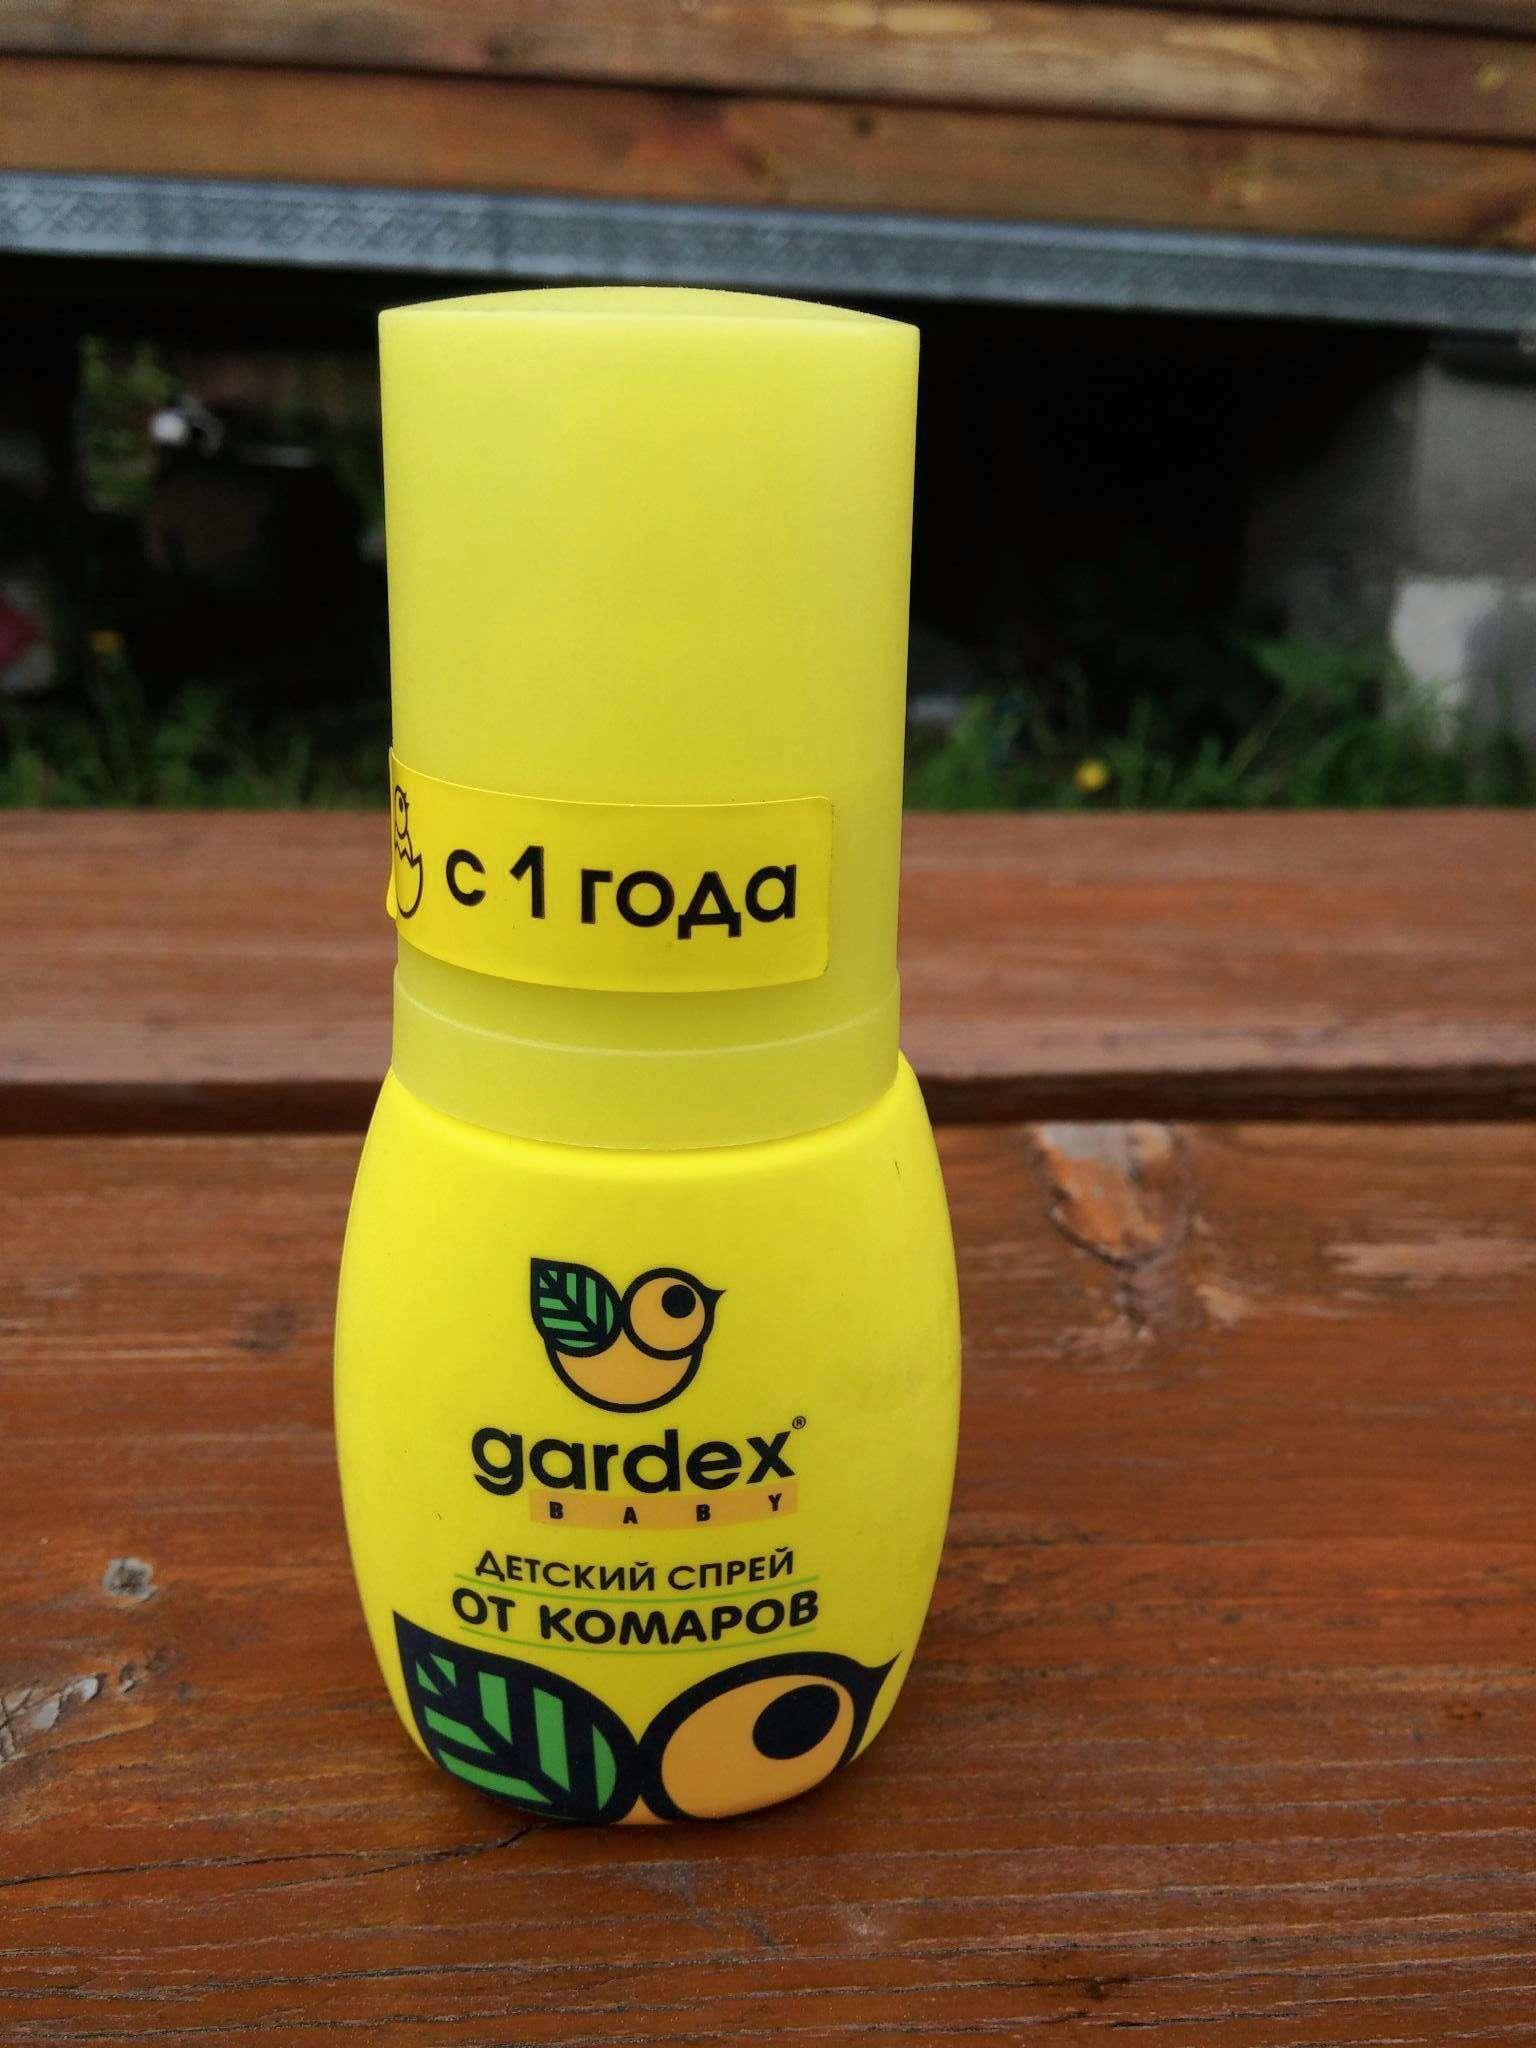 Надёжная защита от клещей с помощью препаратов гардекс